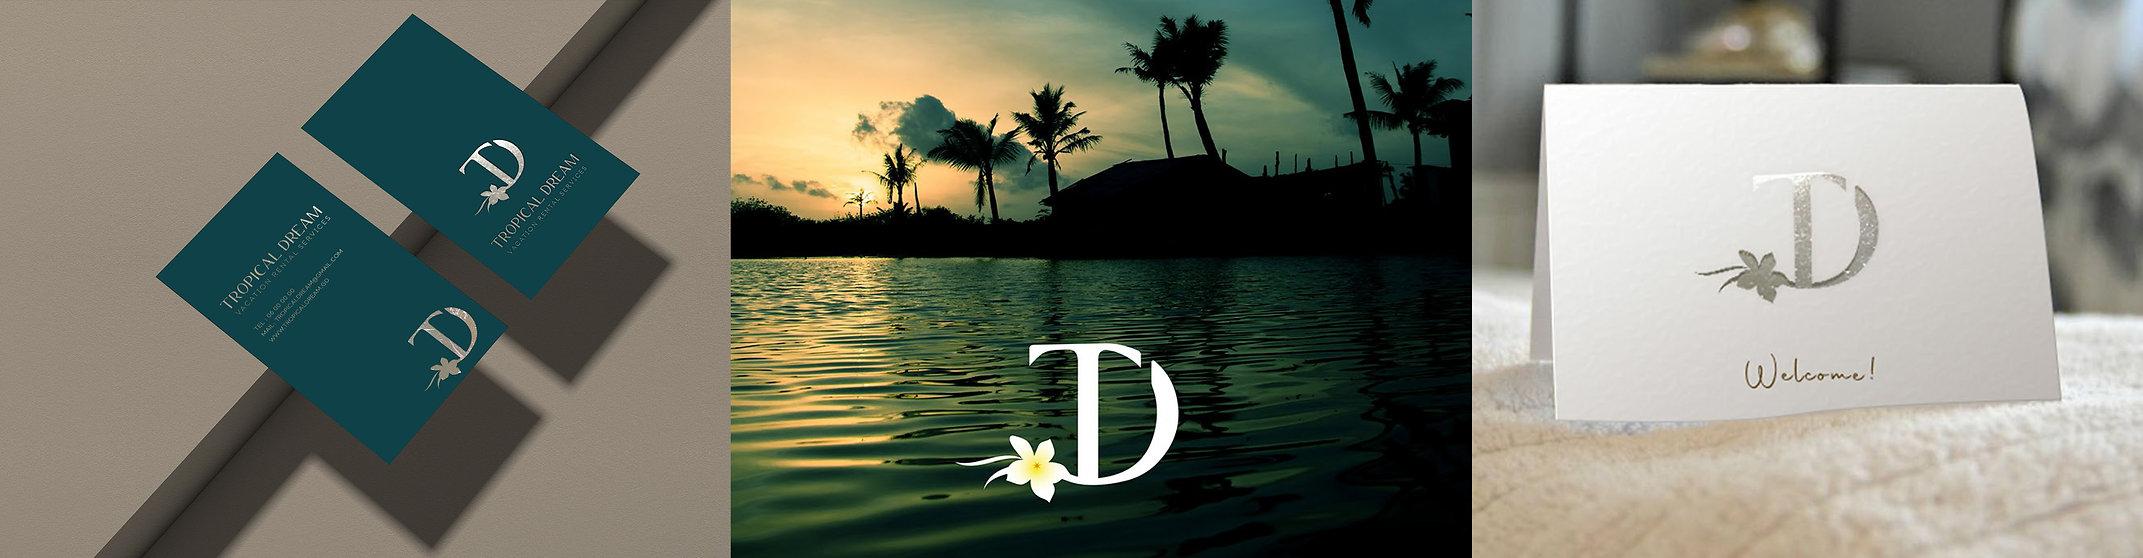 création-logo-Plaquette Tropical dream2